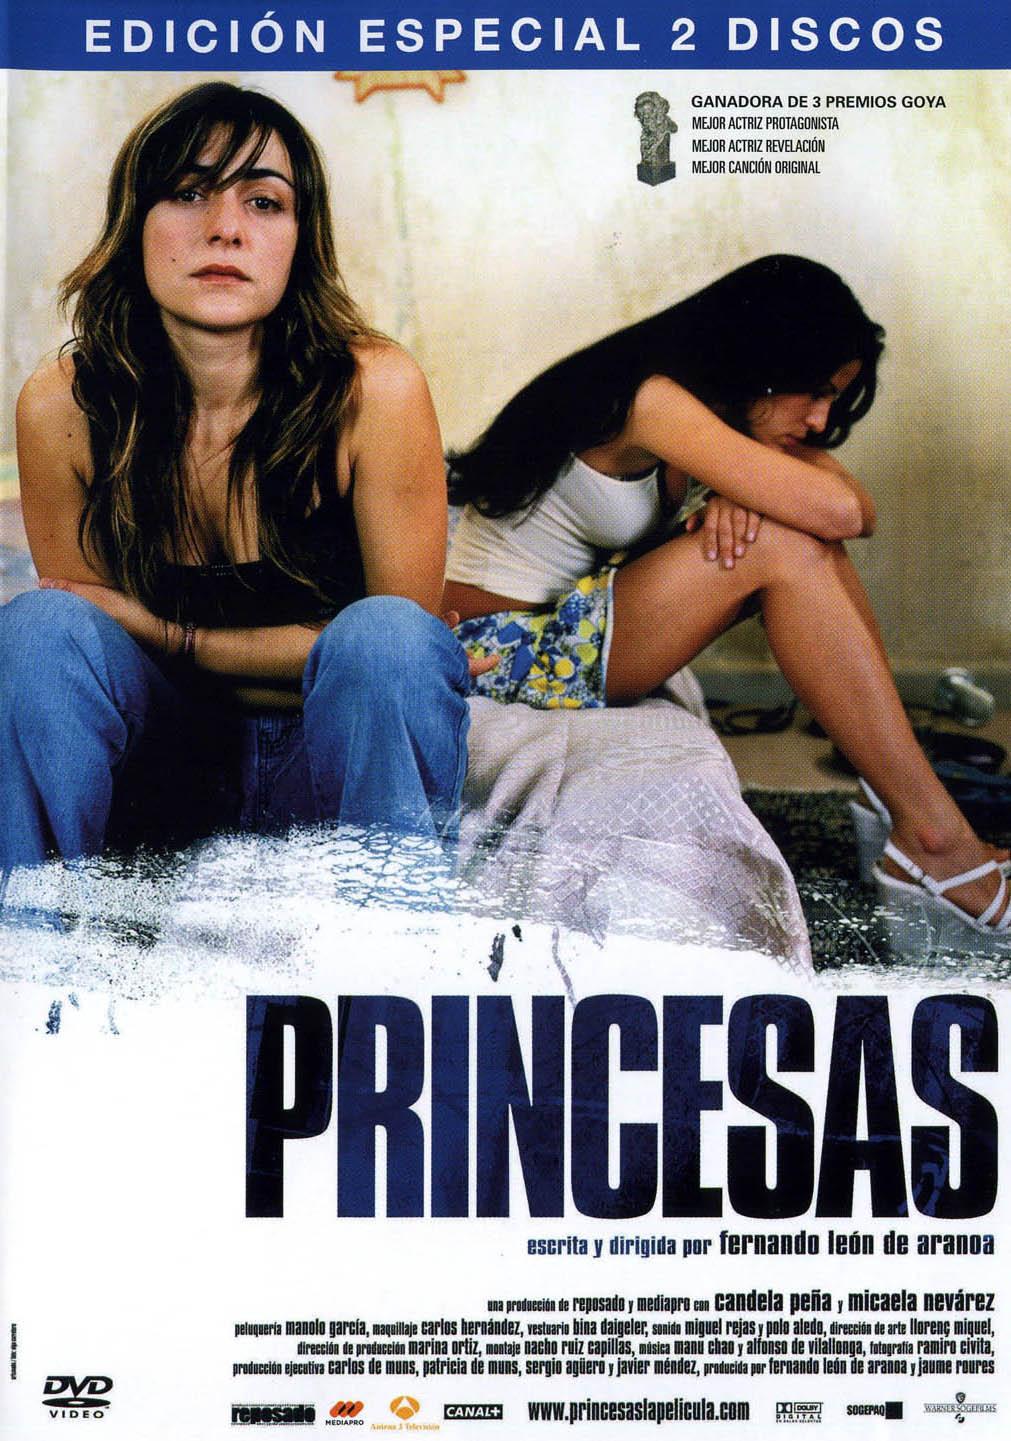 Princesas_(Edicion_Especial)-Caratula